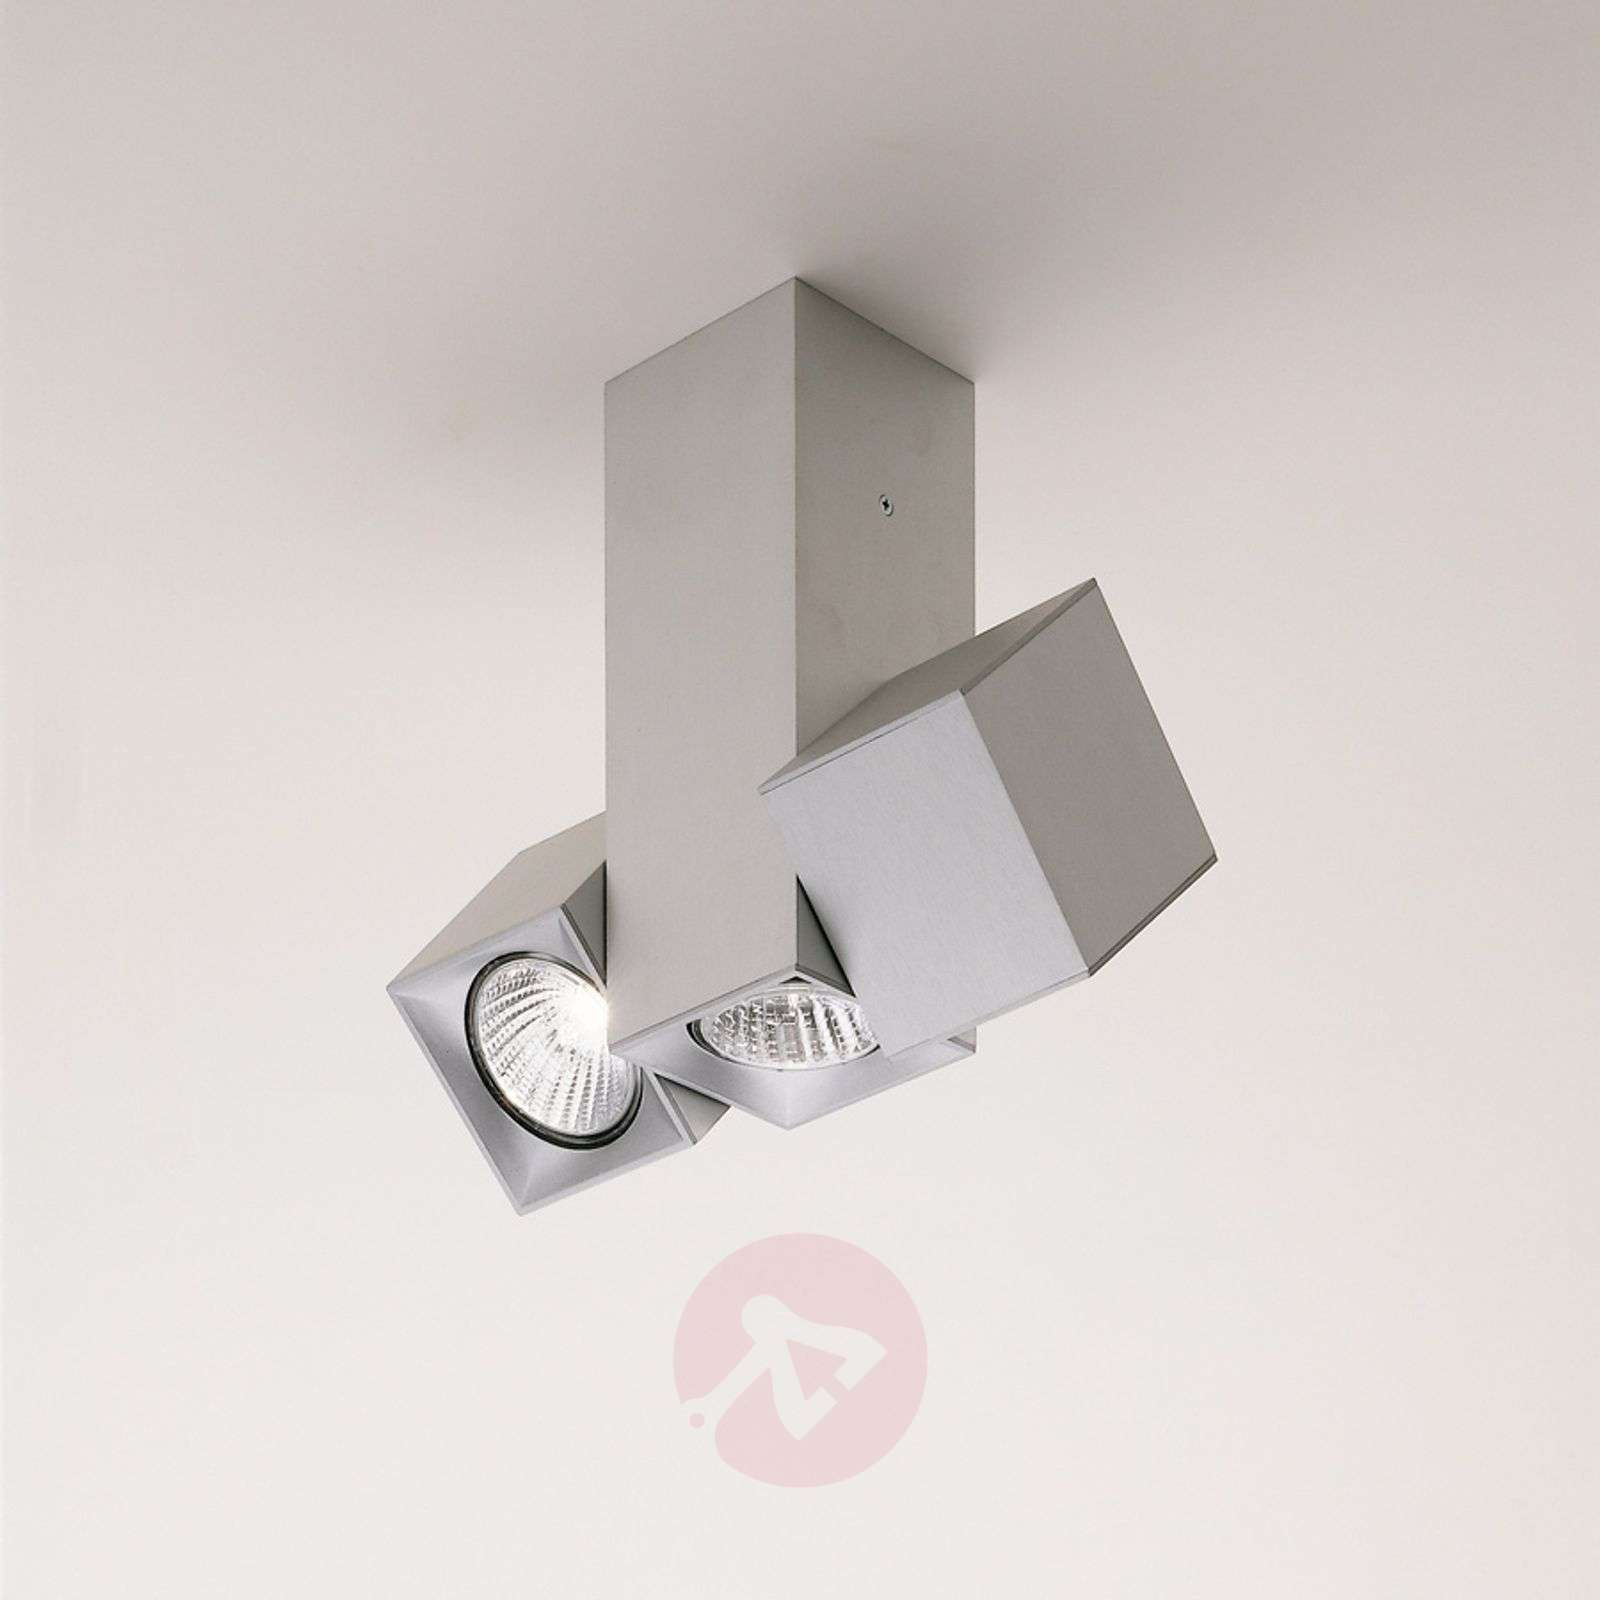 Milan Dau kattolamppu spotti käännettävä 2 lamppua-6708080X-01